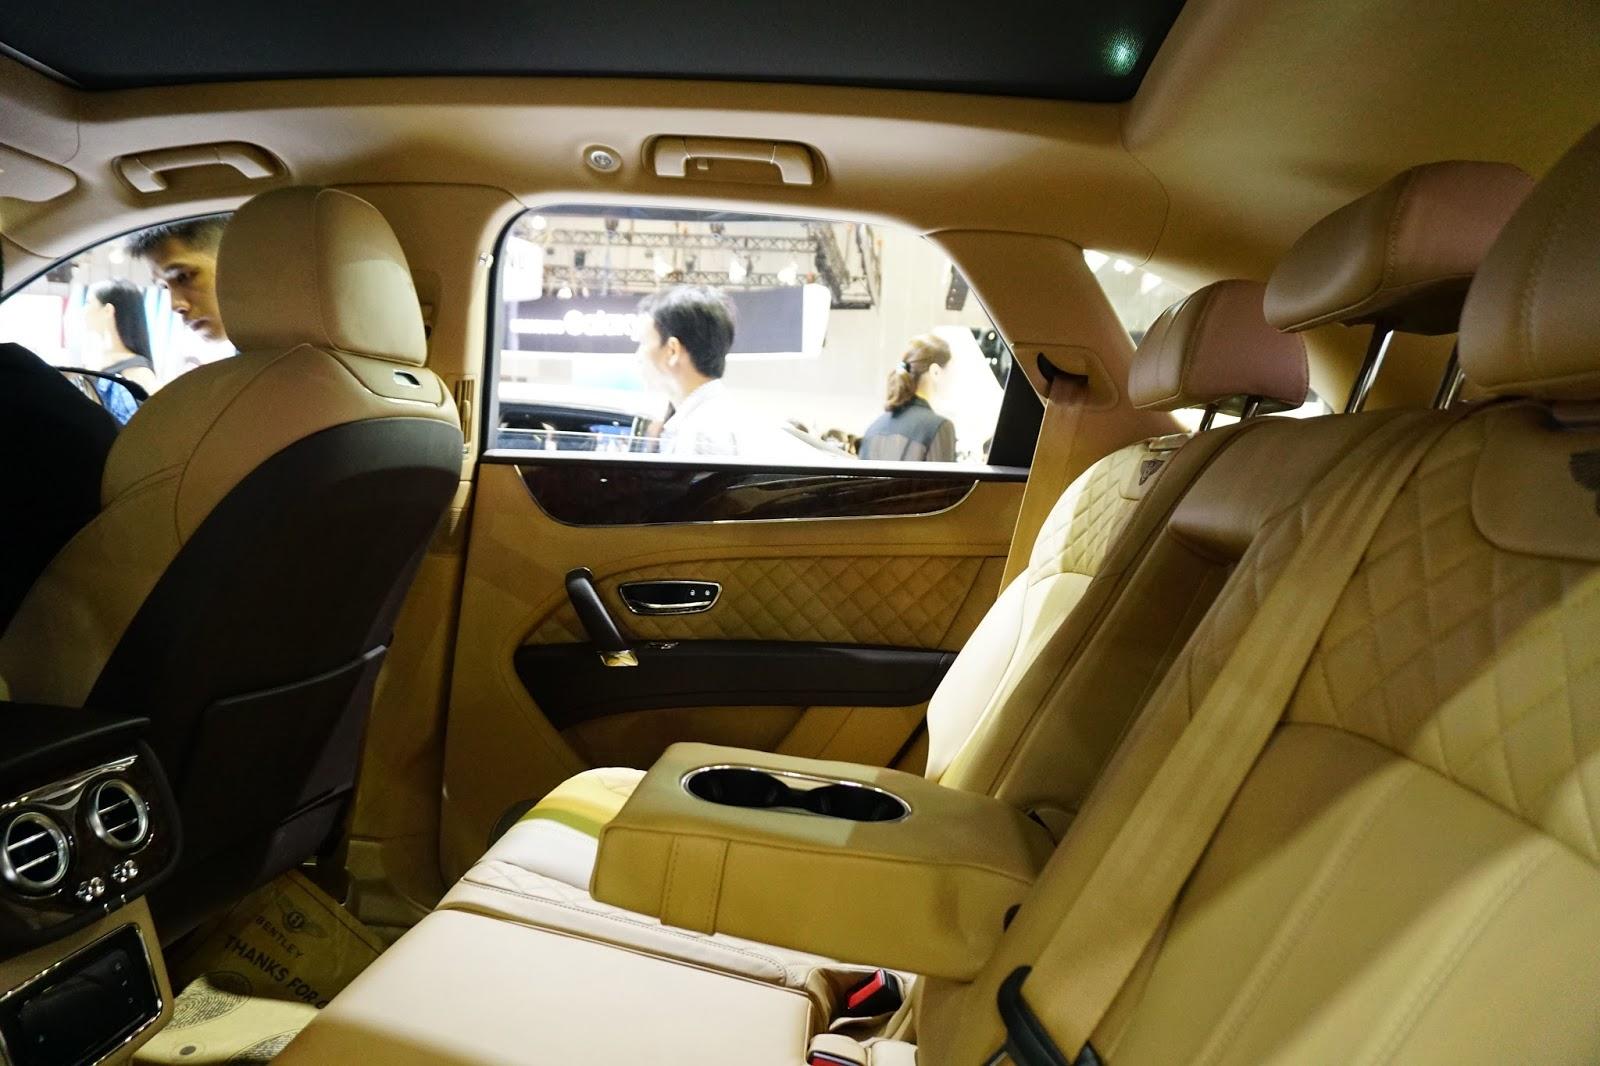 Hàng ghế sau của xe như cung điện, quá sang trọng và xa hoa